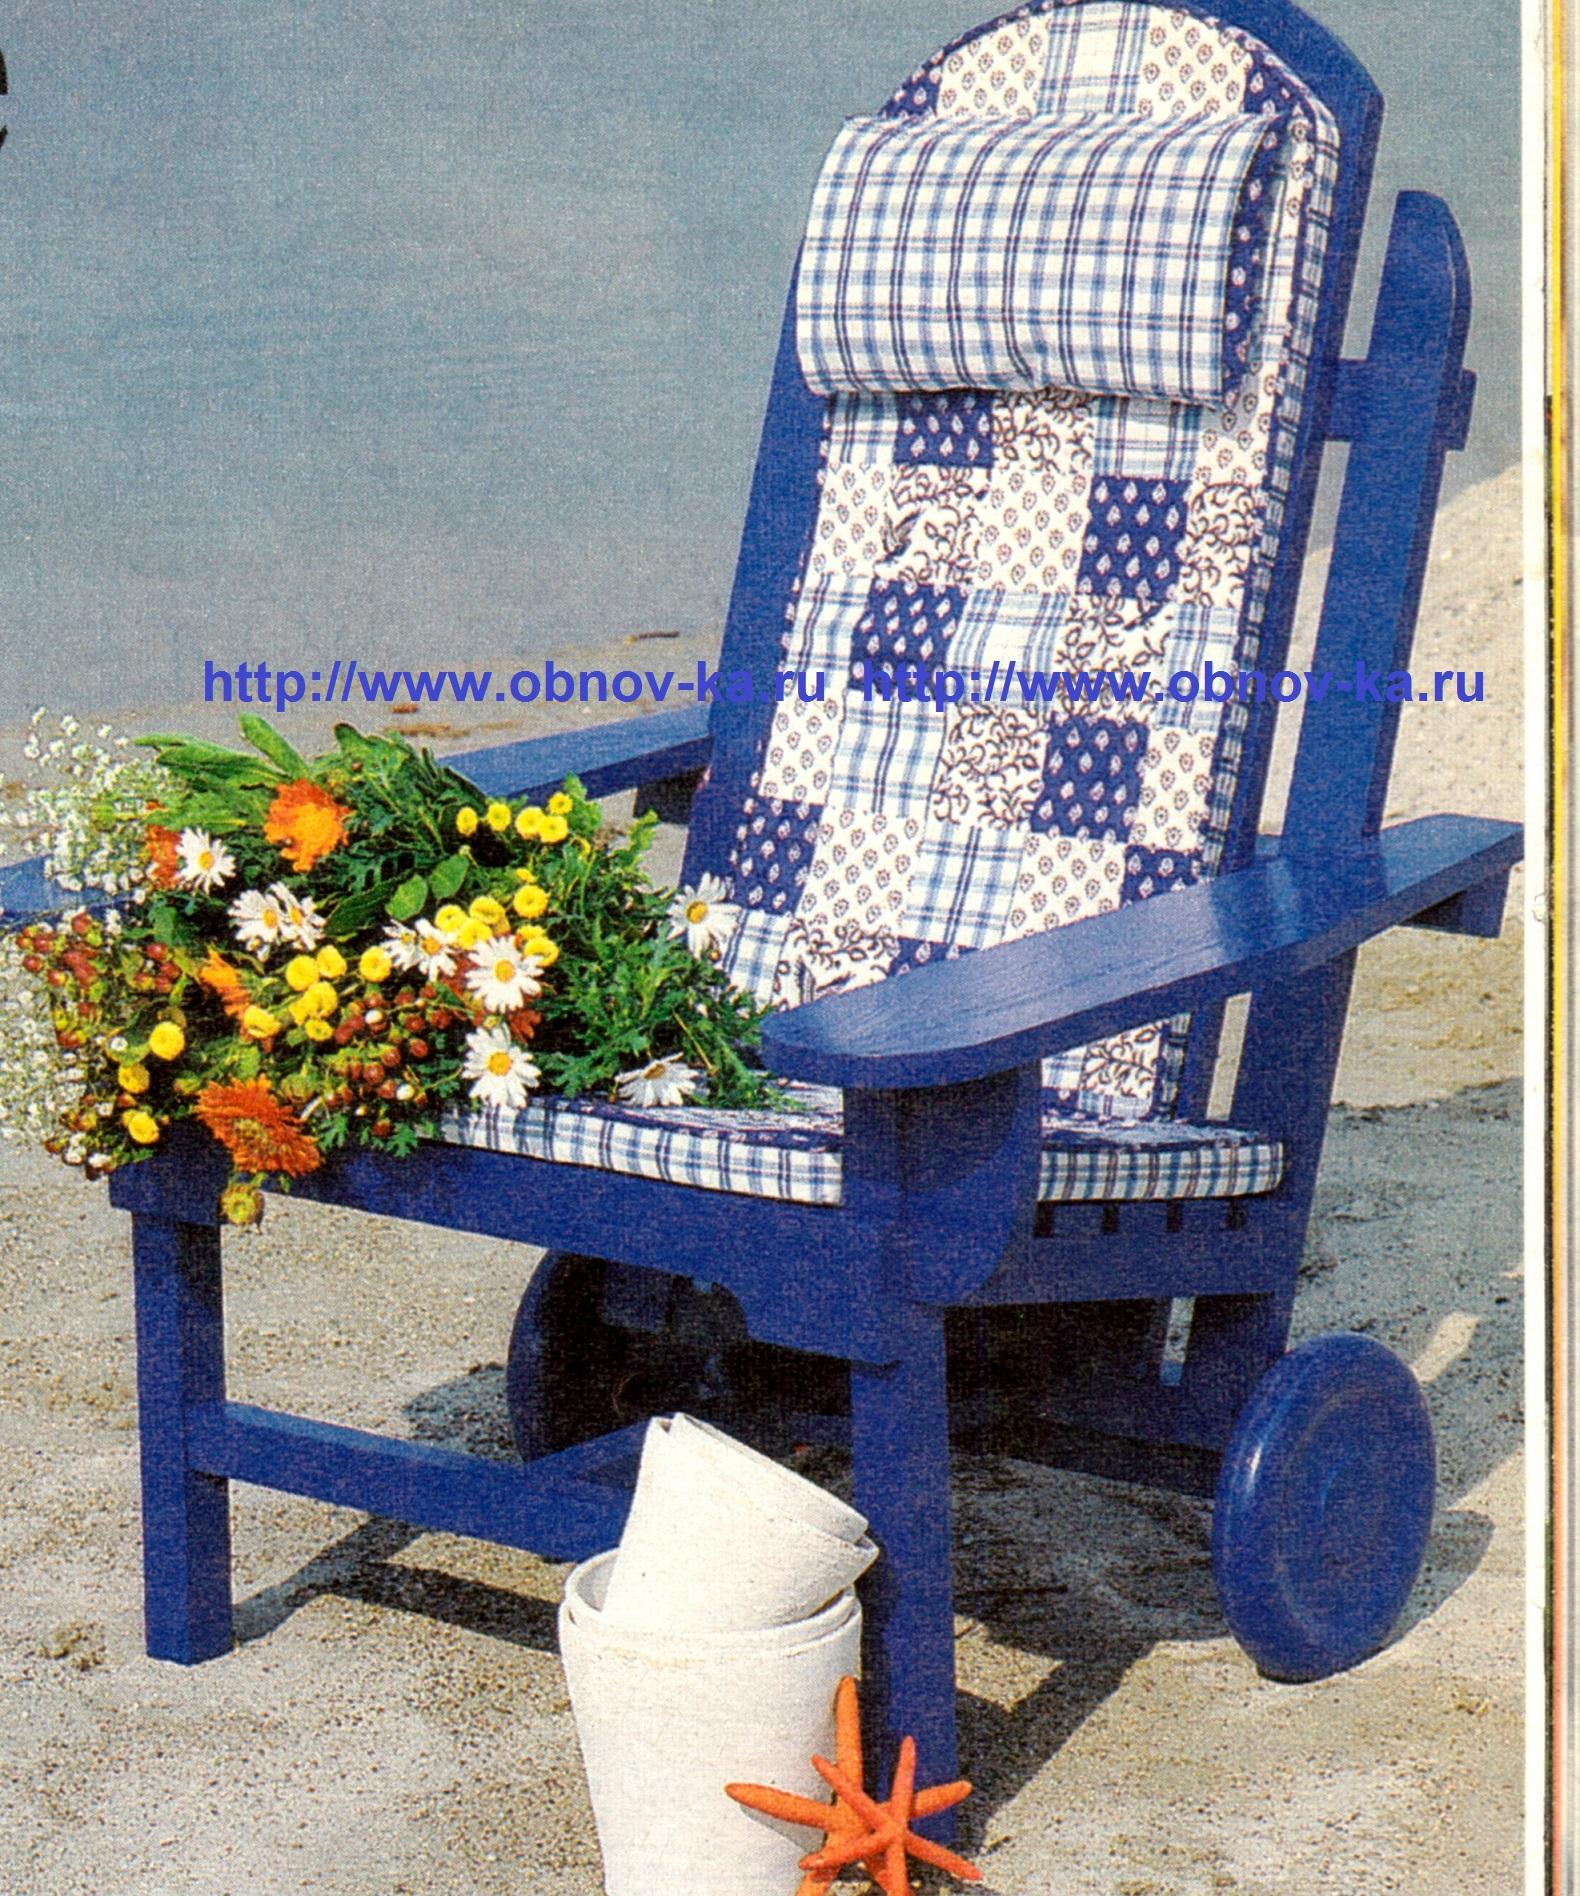 Круглое сиденье для табурета своими руками